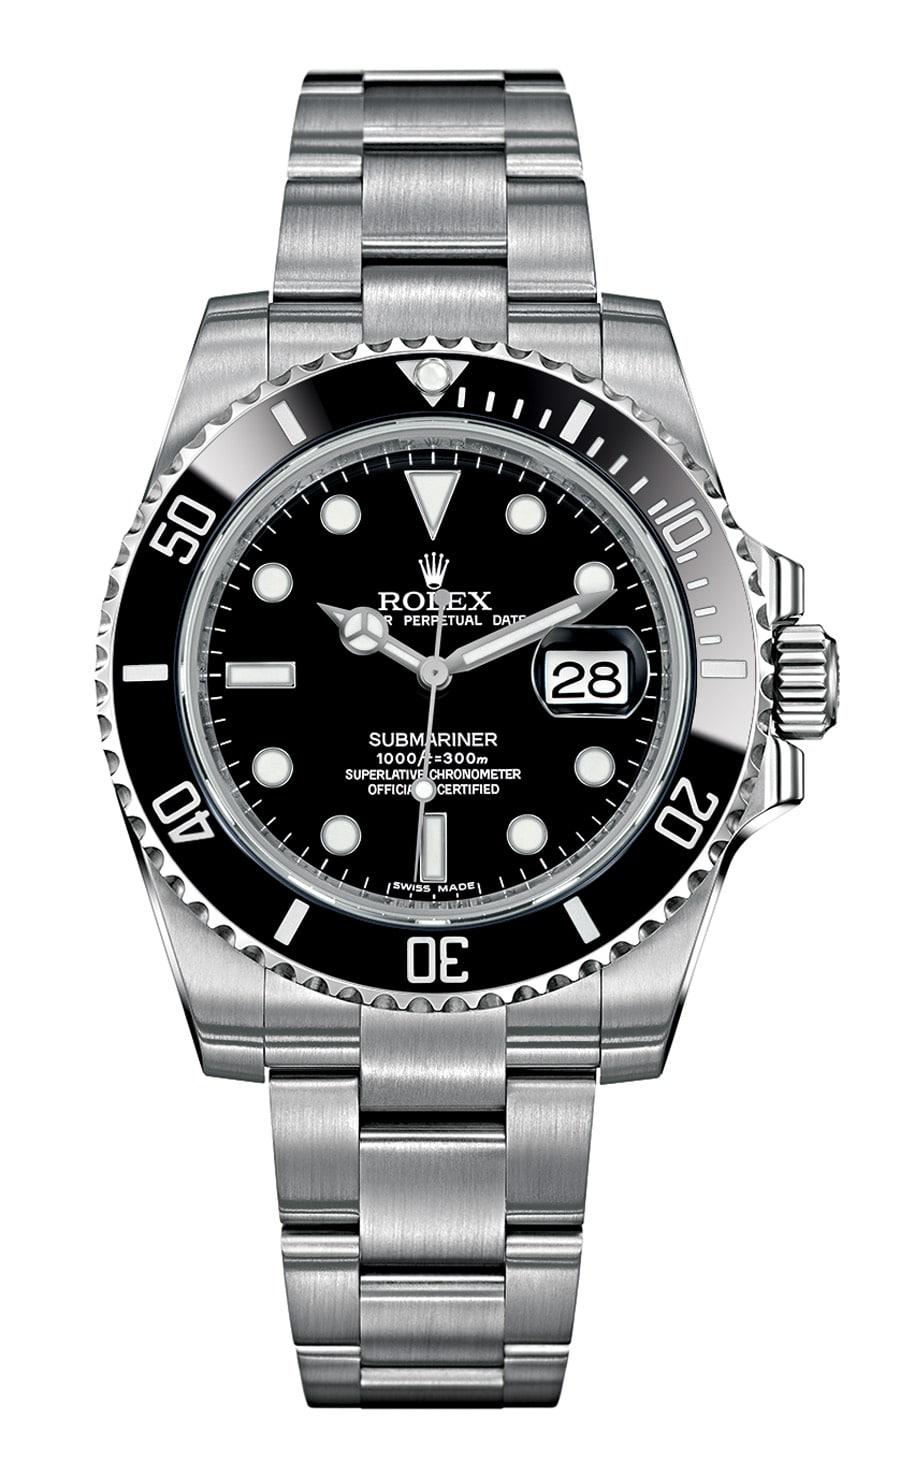 Rolex: Submariner Date (2010)